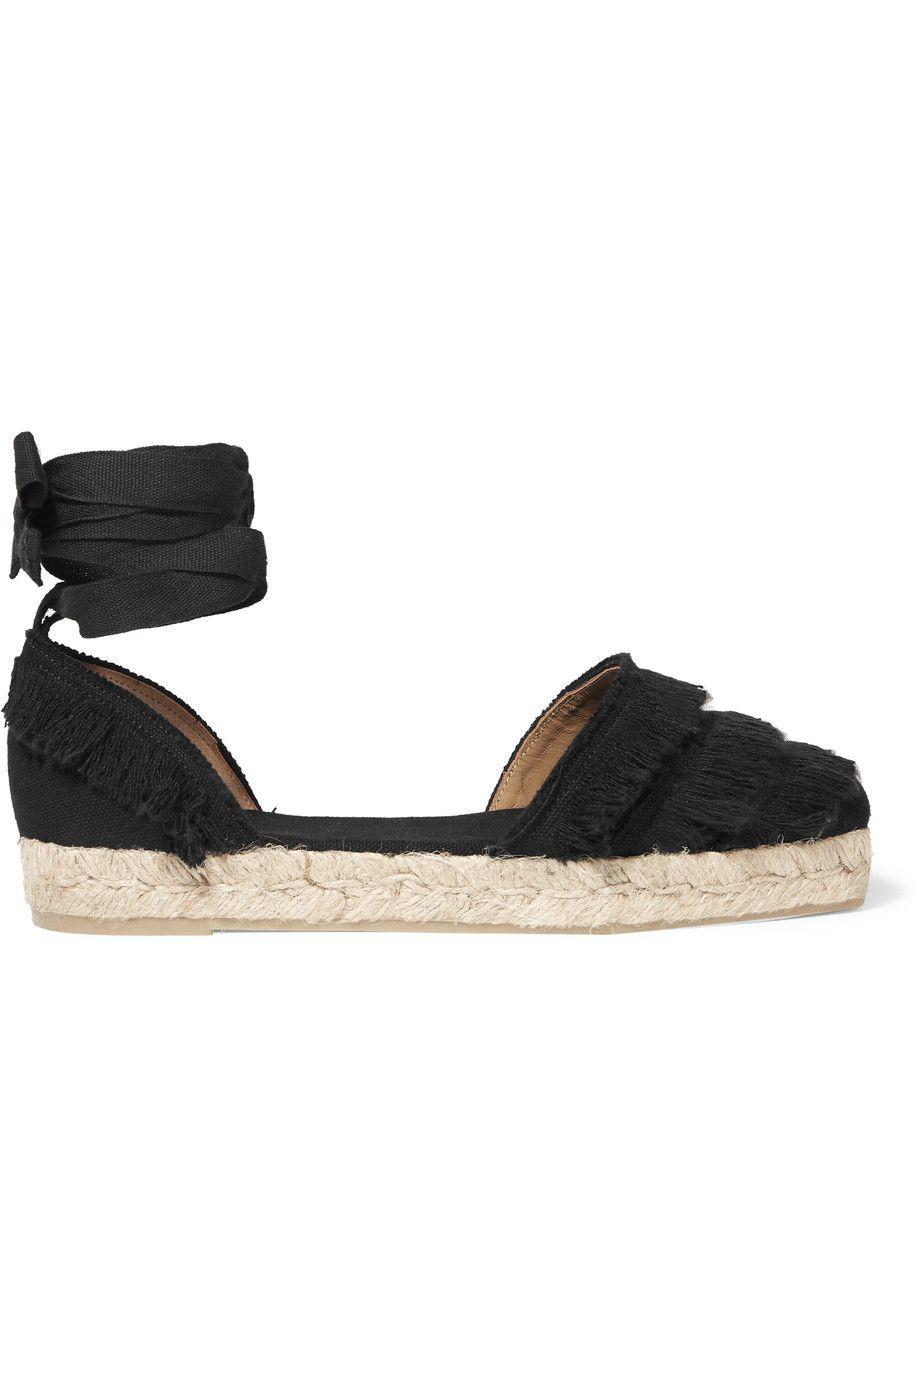 848c24621875 CASTAÑER .  castañer  shoes  flats